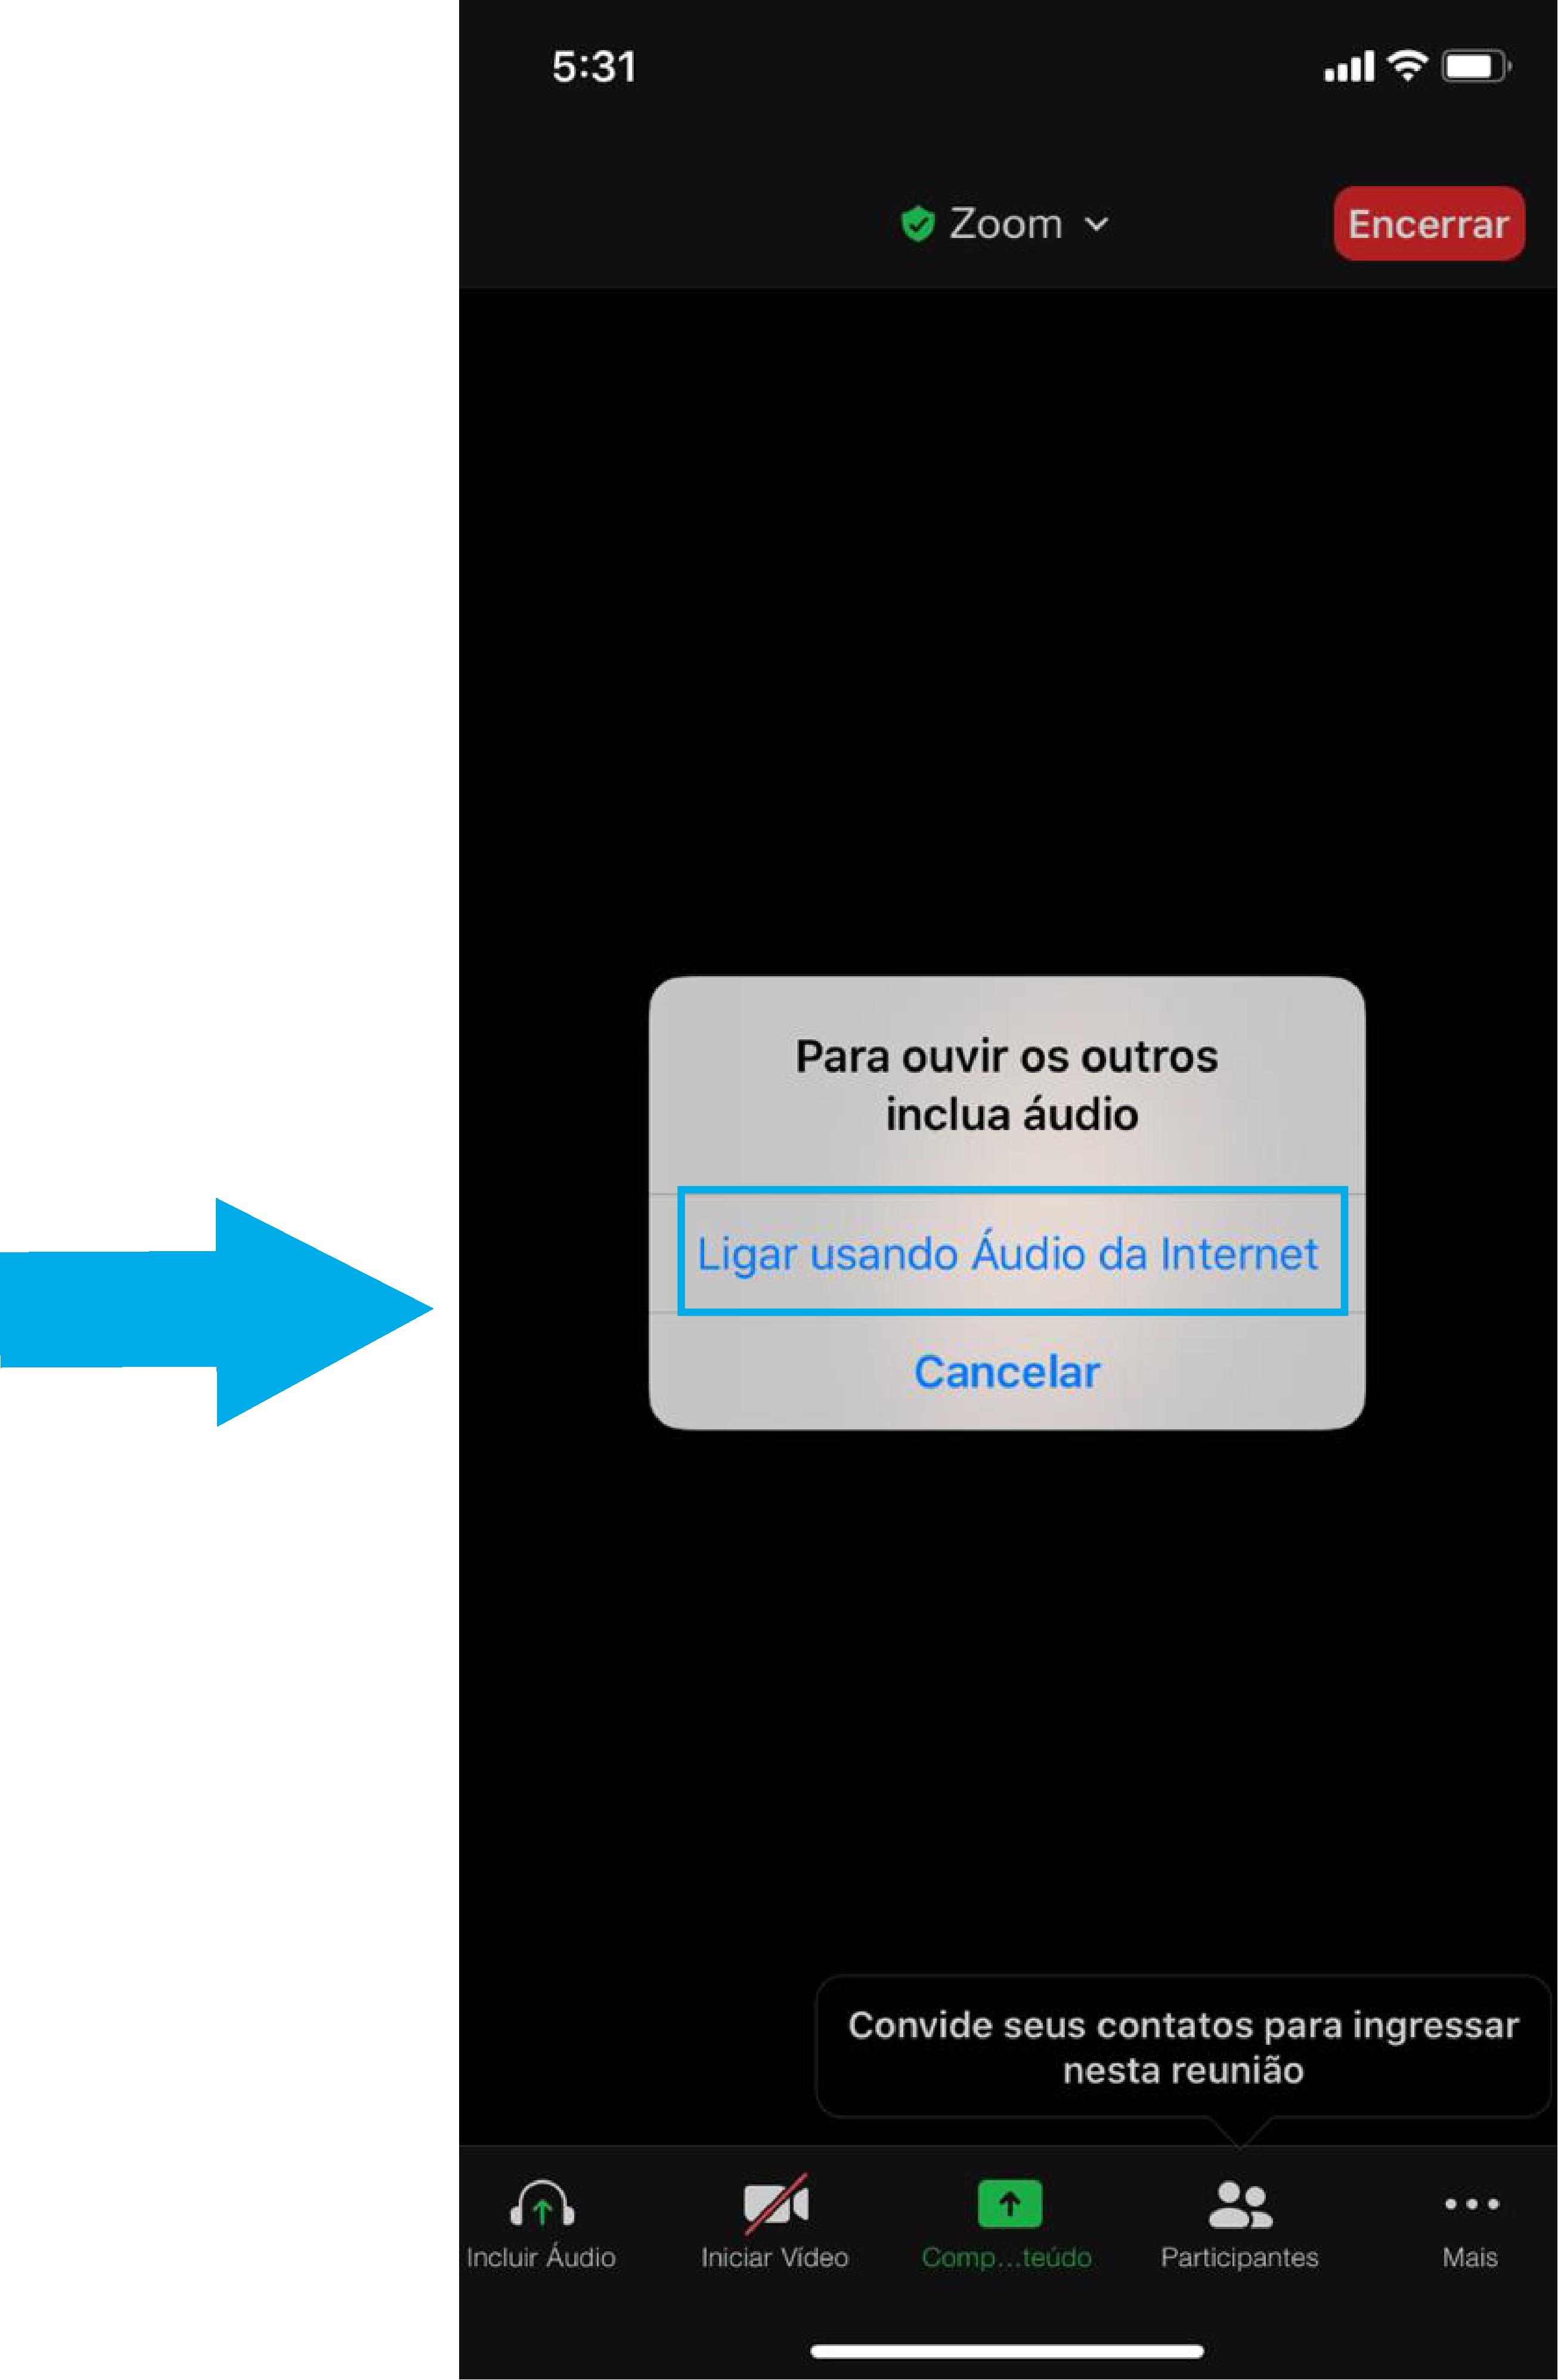 Imagem de como iniciar uma reunião imediata no zoom pelo celular3